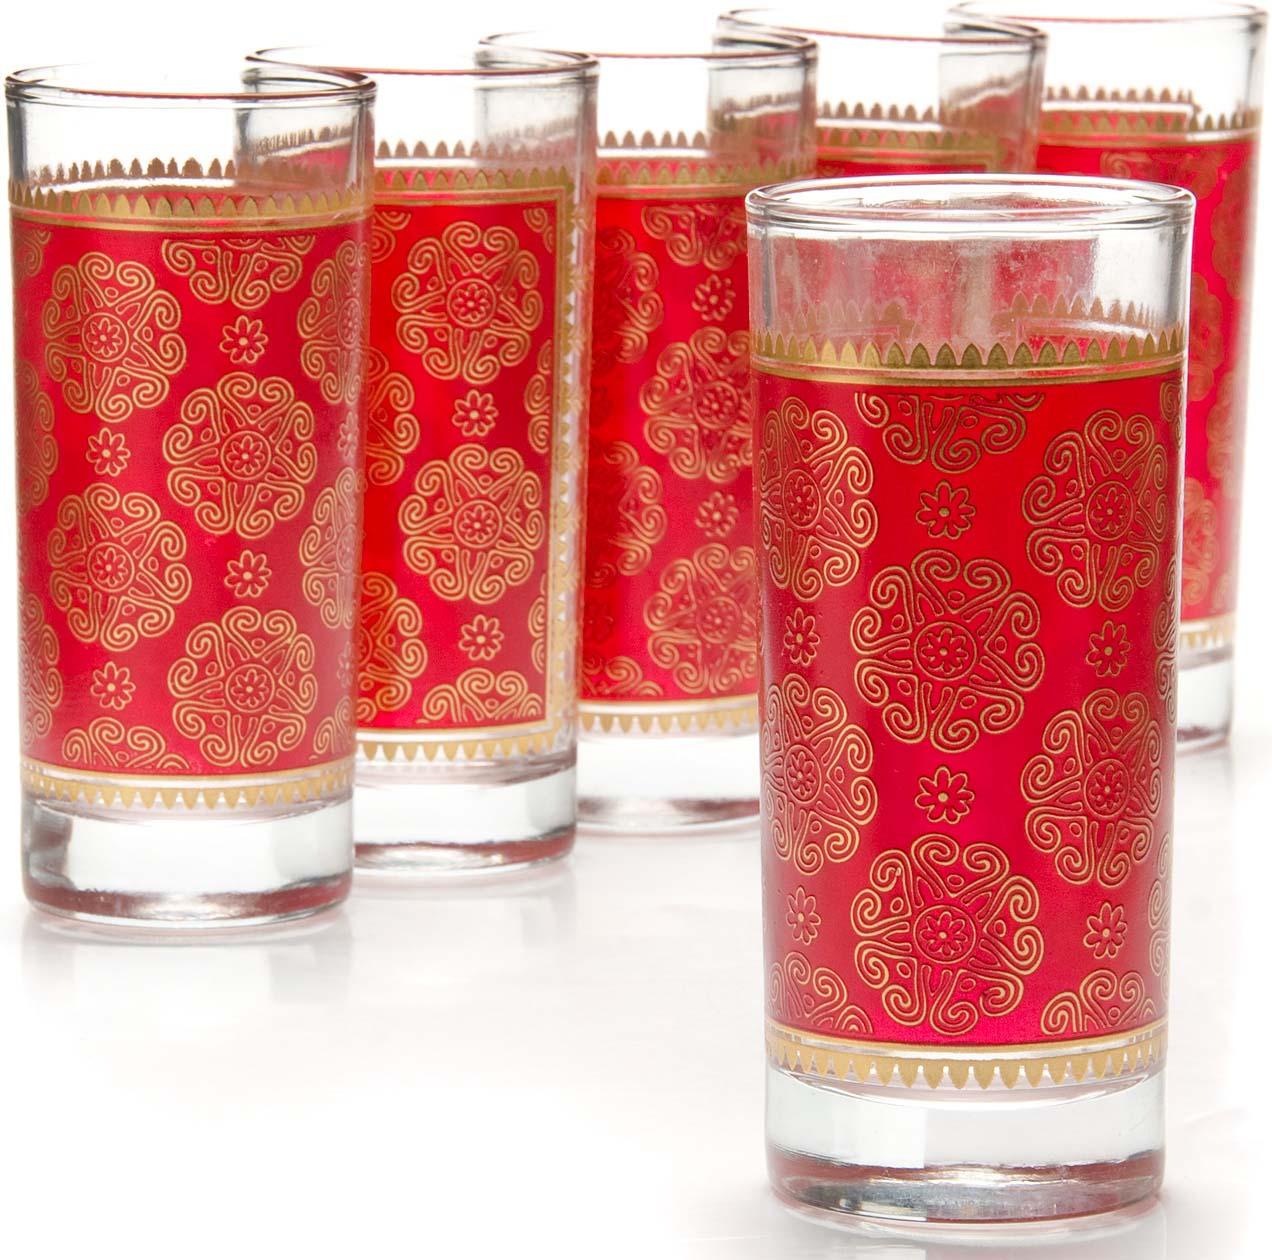 Набор выполнен из прочного высококачественного стекла, декорированного красочным рисунком в мягких тонах. Данный набор предназначен для подачи на стол воды, сока, морса и других напитков, его красивое оформление придется по вкусу всем без исключения. Такой набор послужит отличным подарком к празднику, а также добавит элегантности любому праздничному столу! Набор состоит из 6-ти стаканов объемом в 285 мл и кувшина с крышкой, объемом 1300 мл. Посуда обладает гладкой непористой поверхностью, не впитывает запахи, легко моется.